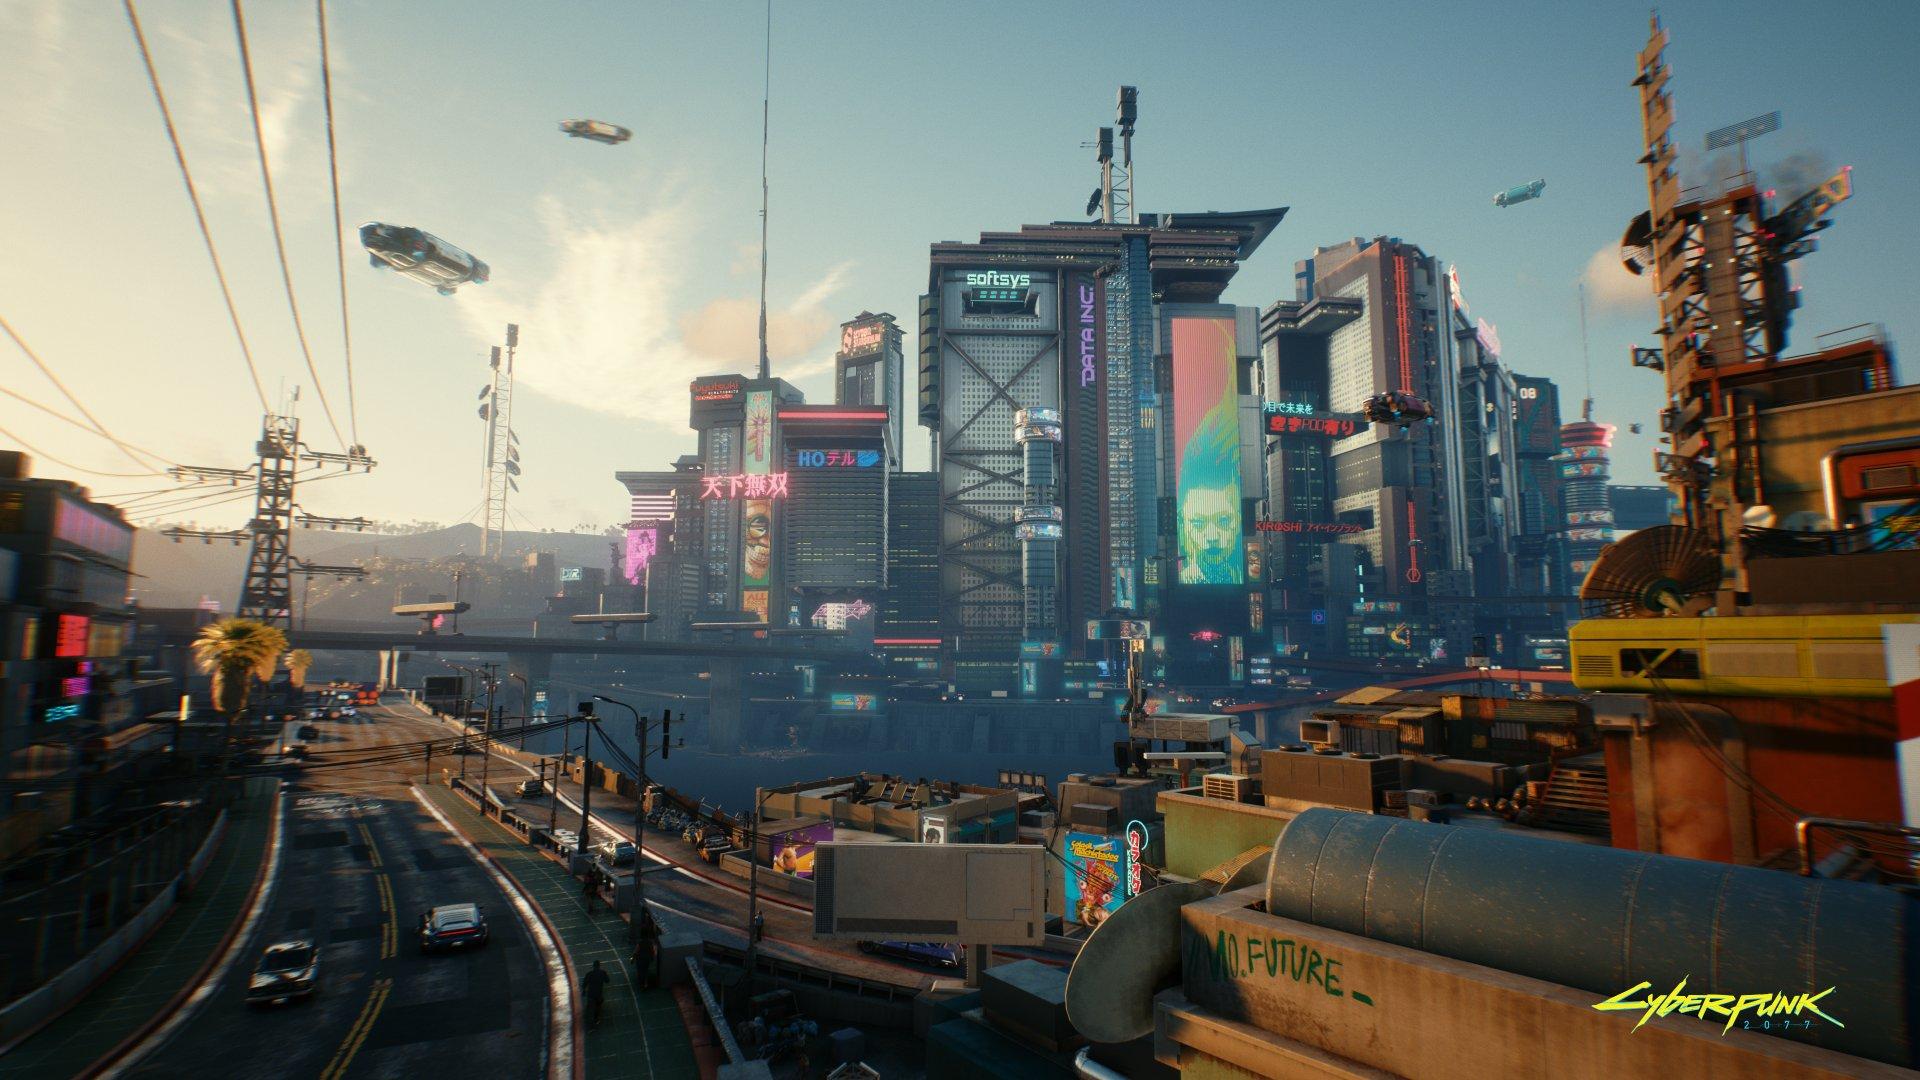 Cyberpunk2077 City